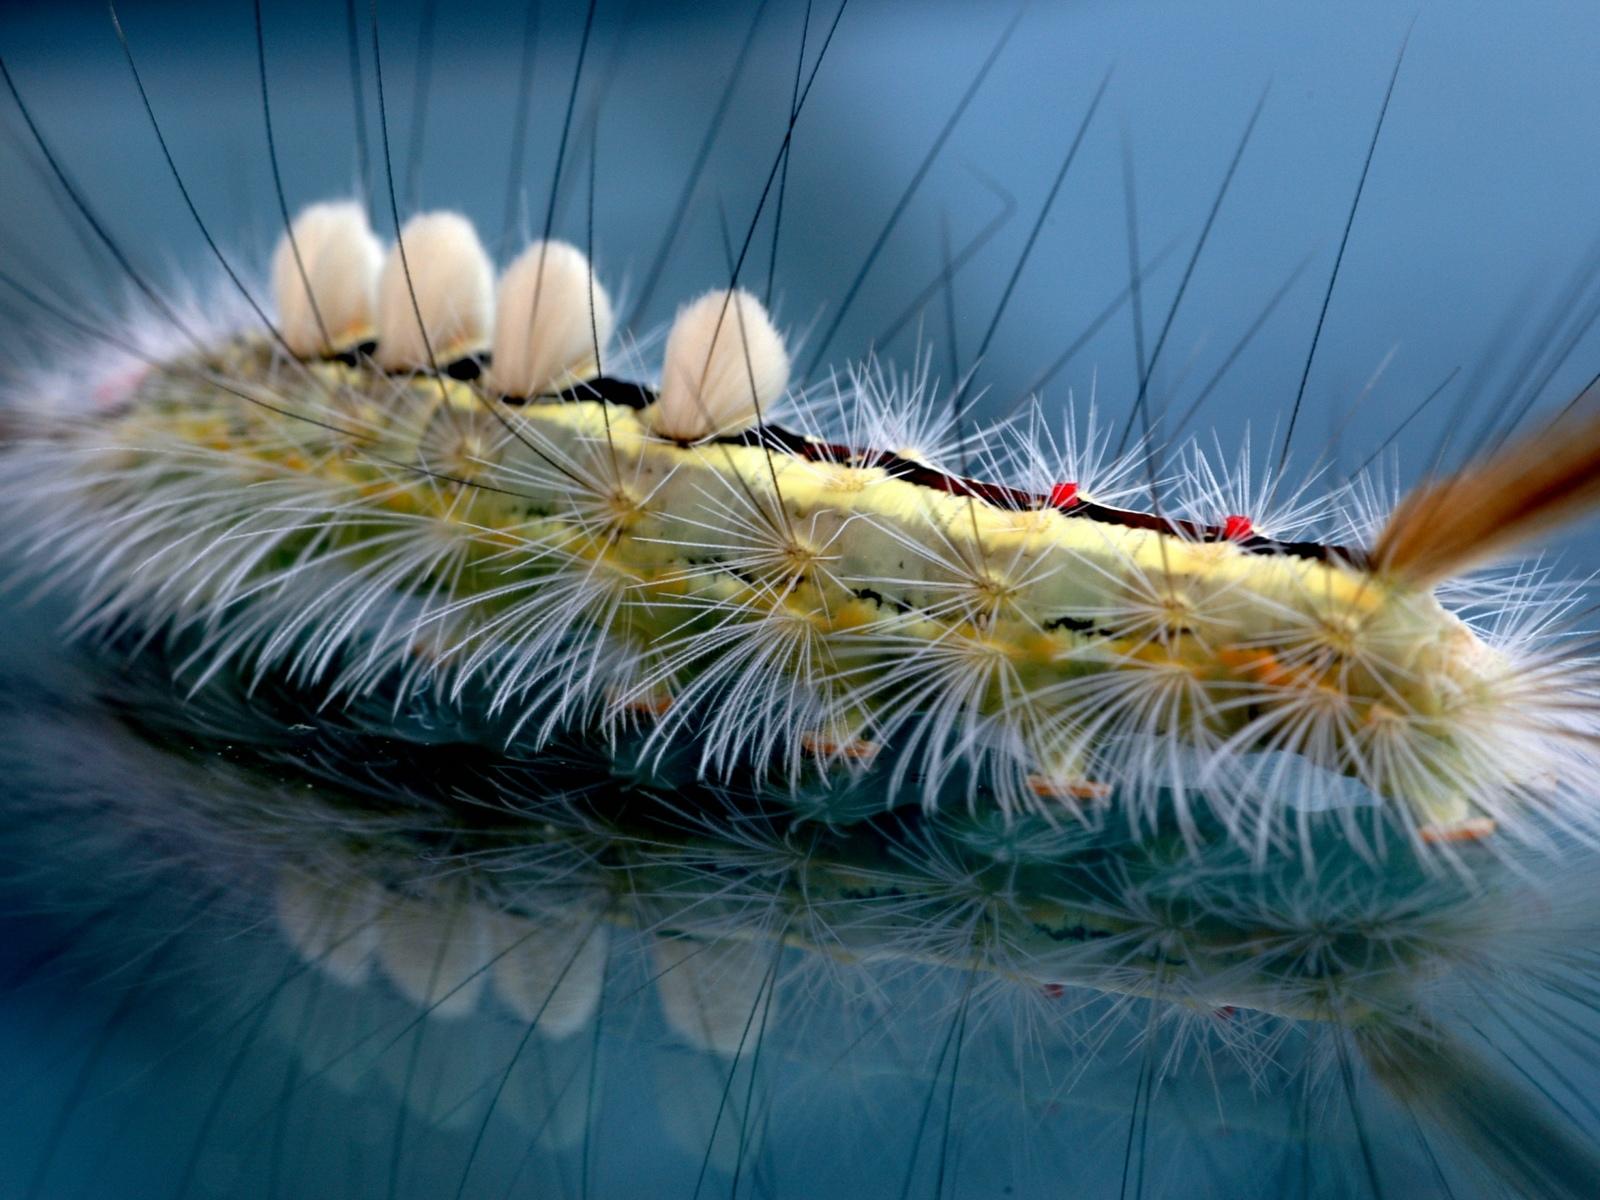 http://4.bp.blogspot.com/-qXzxZBAoWjg/TZJfxTy25oI/AAAAAAAAAe8/m-wbc8iaUxs/s1600/animal_014.jpg